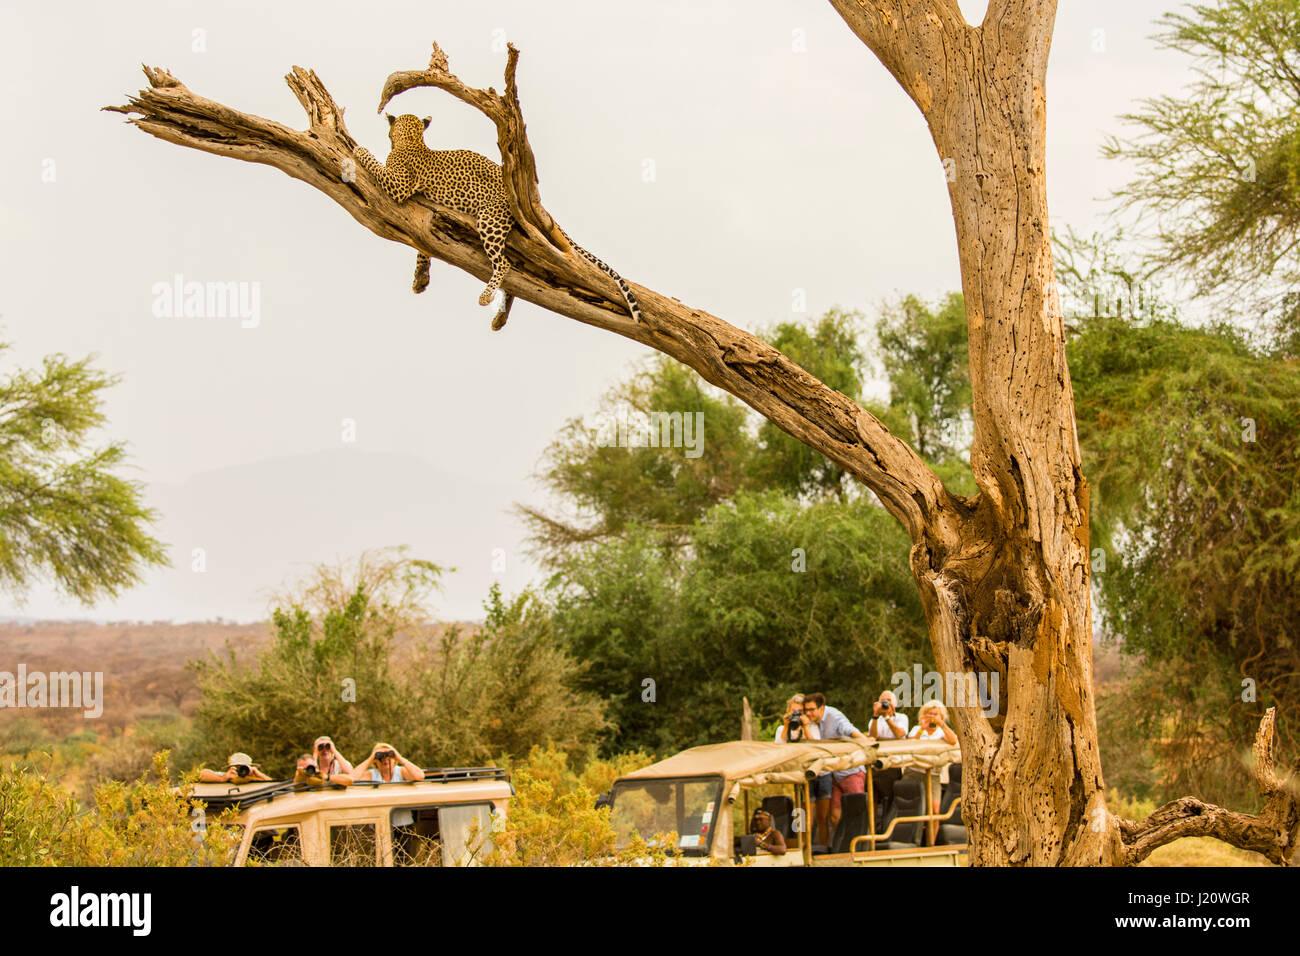 Les touristes dans les véhicules de safari africain en regardant un léopard, Panthera pardus, dans un Photo Stock